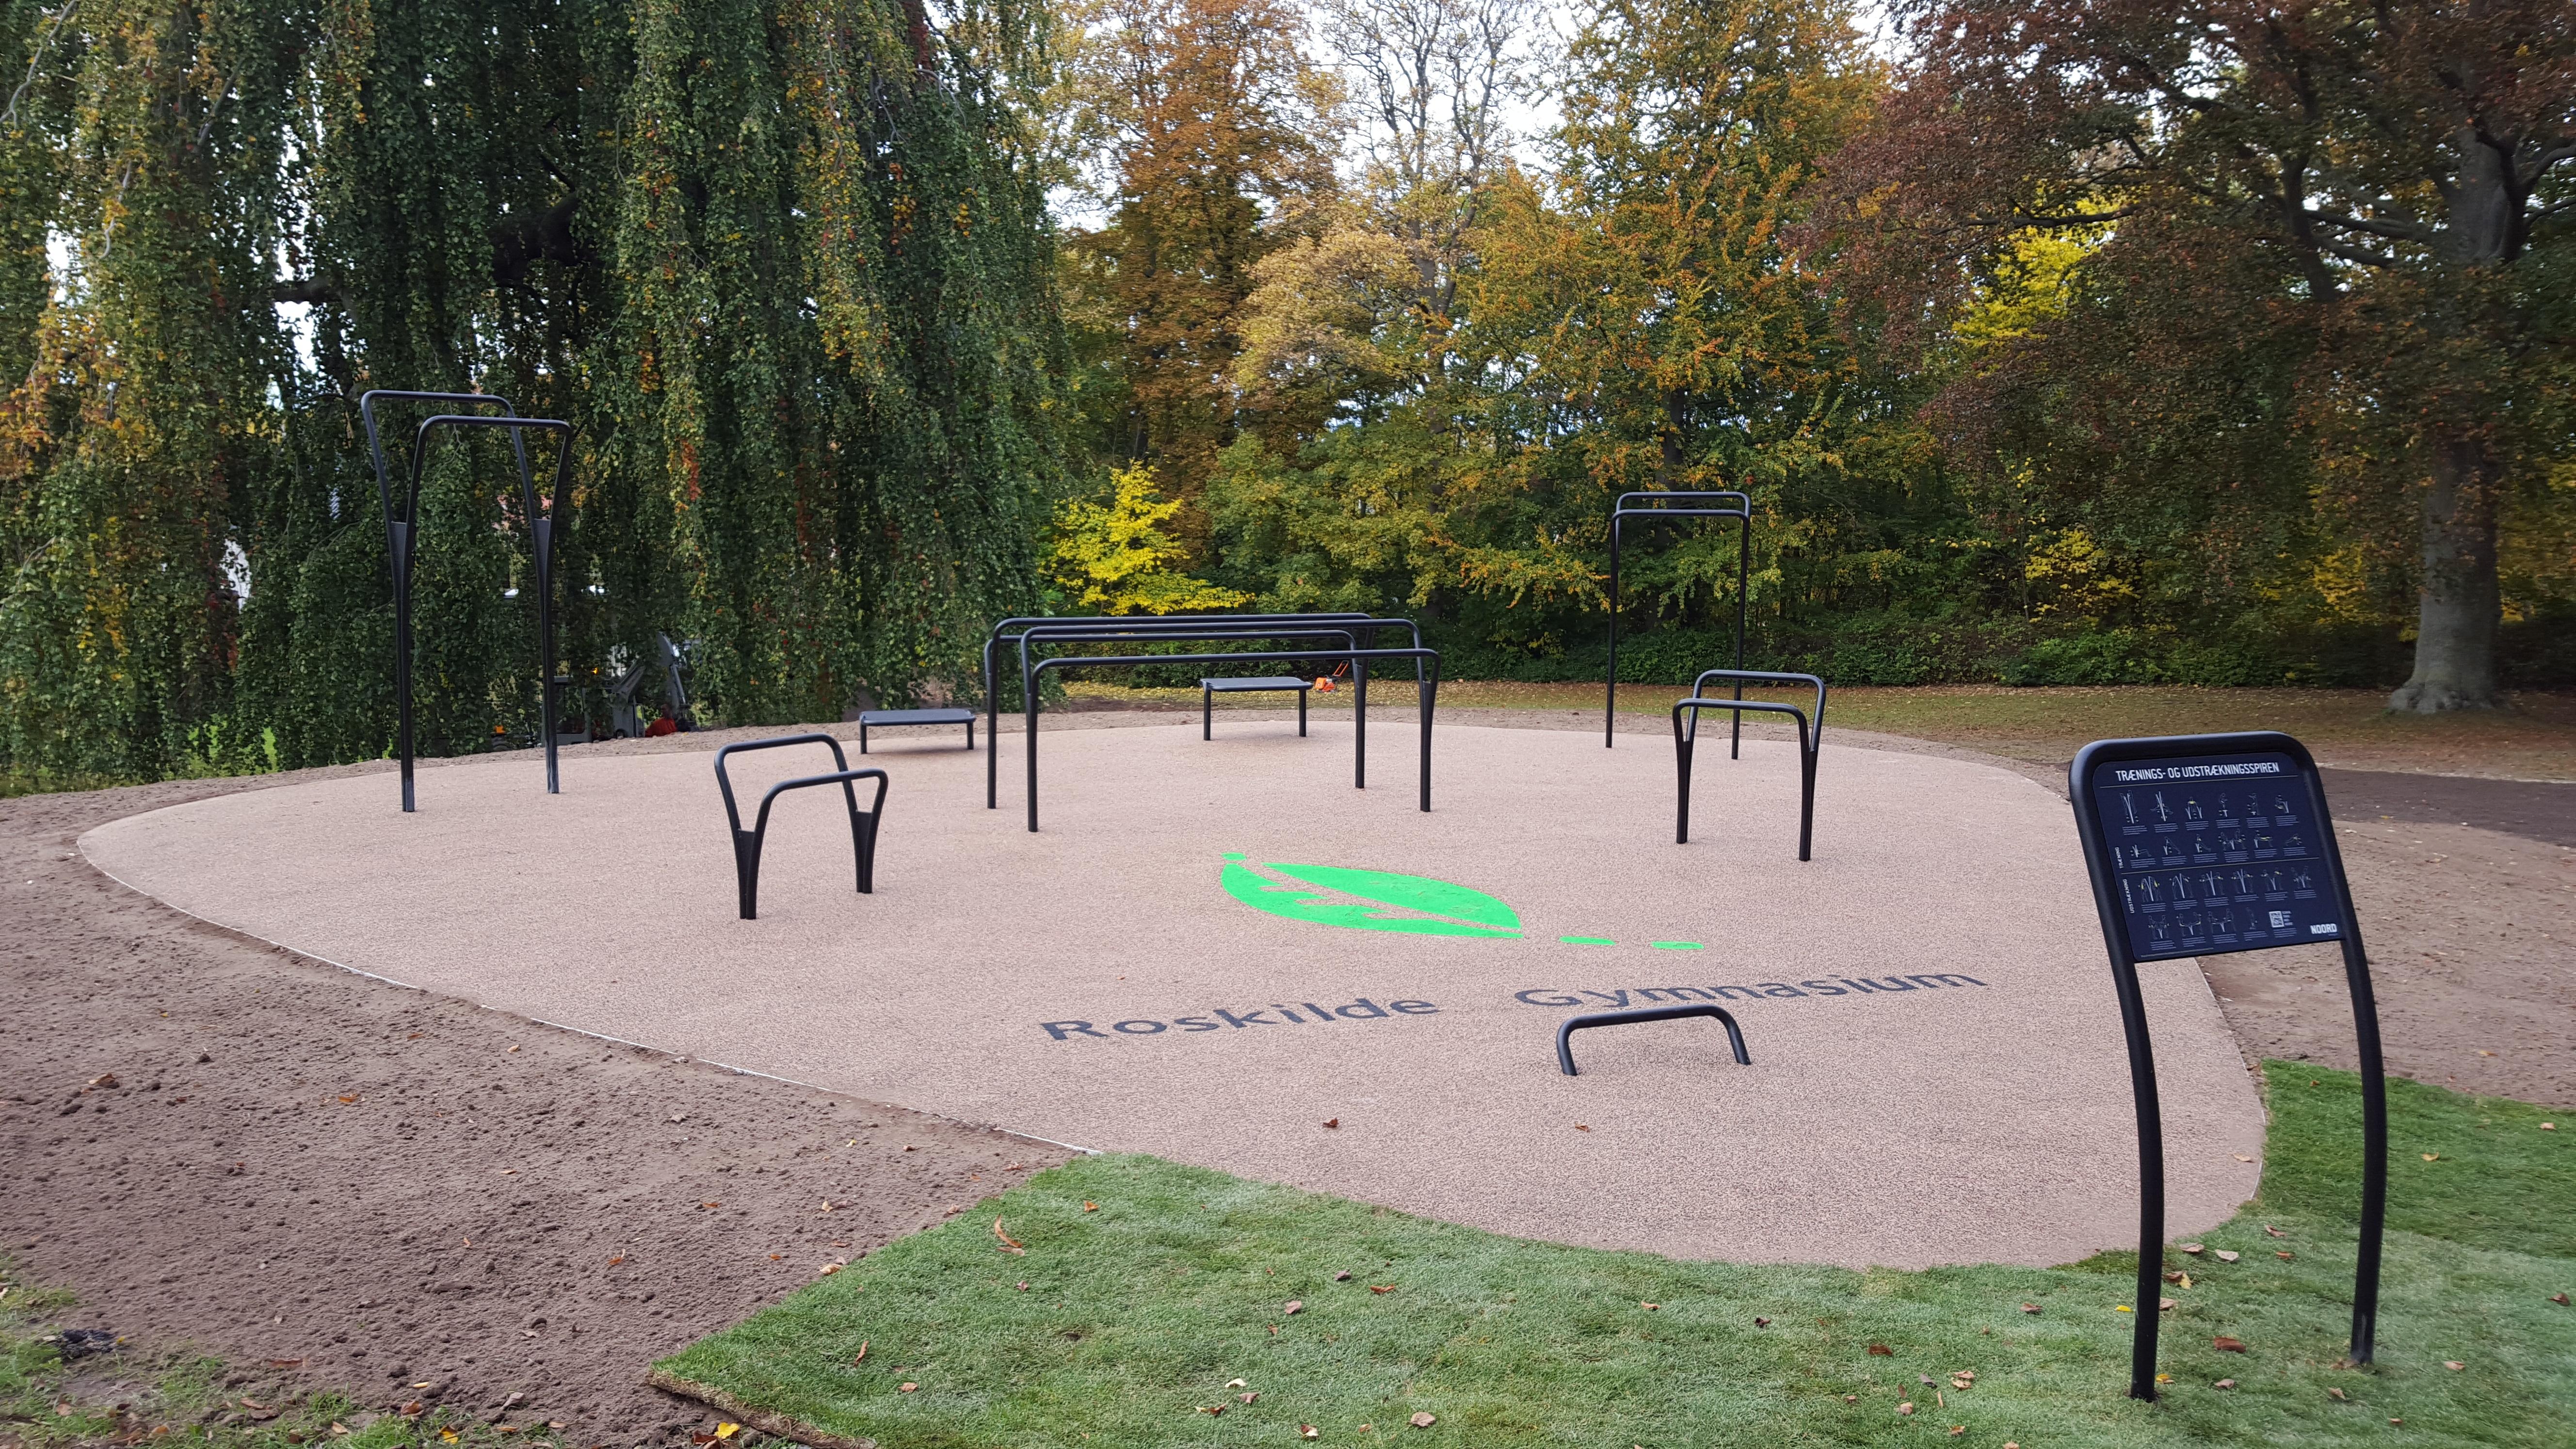 Roskilde gymnasium har fået en fitness park til udendørs træning